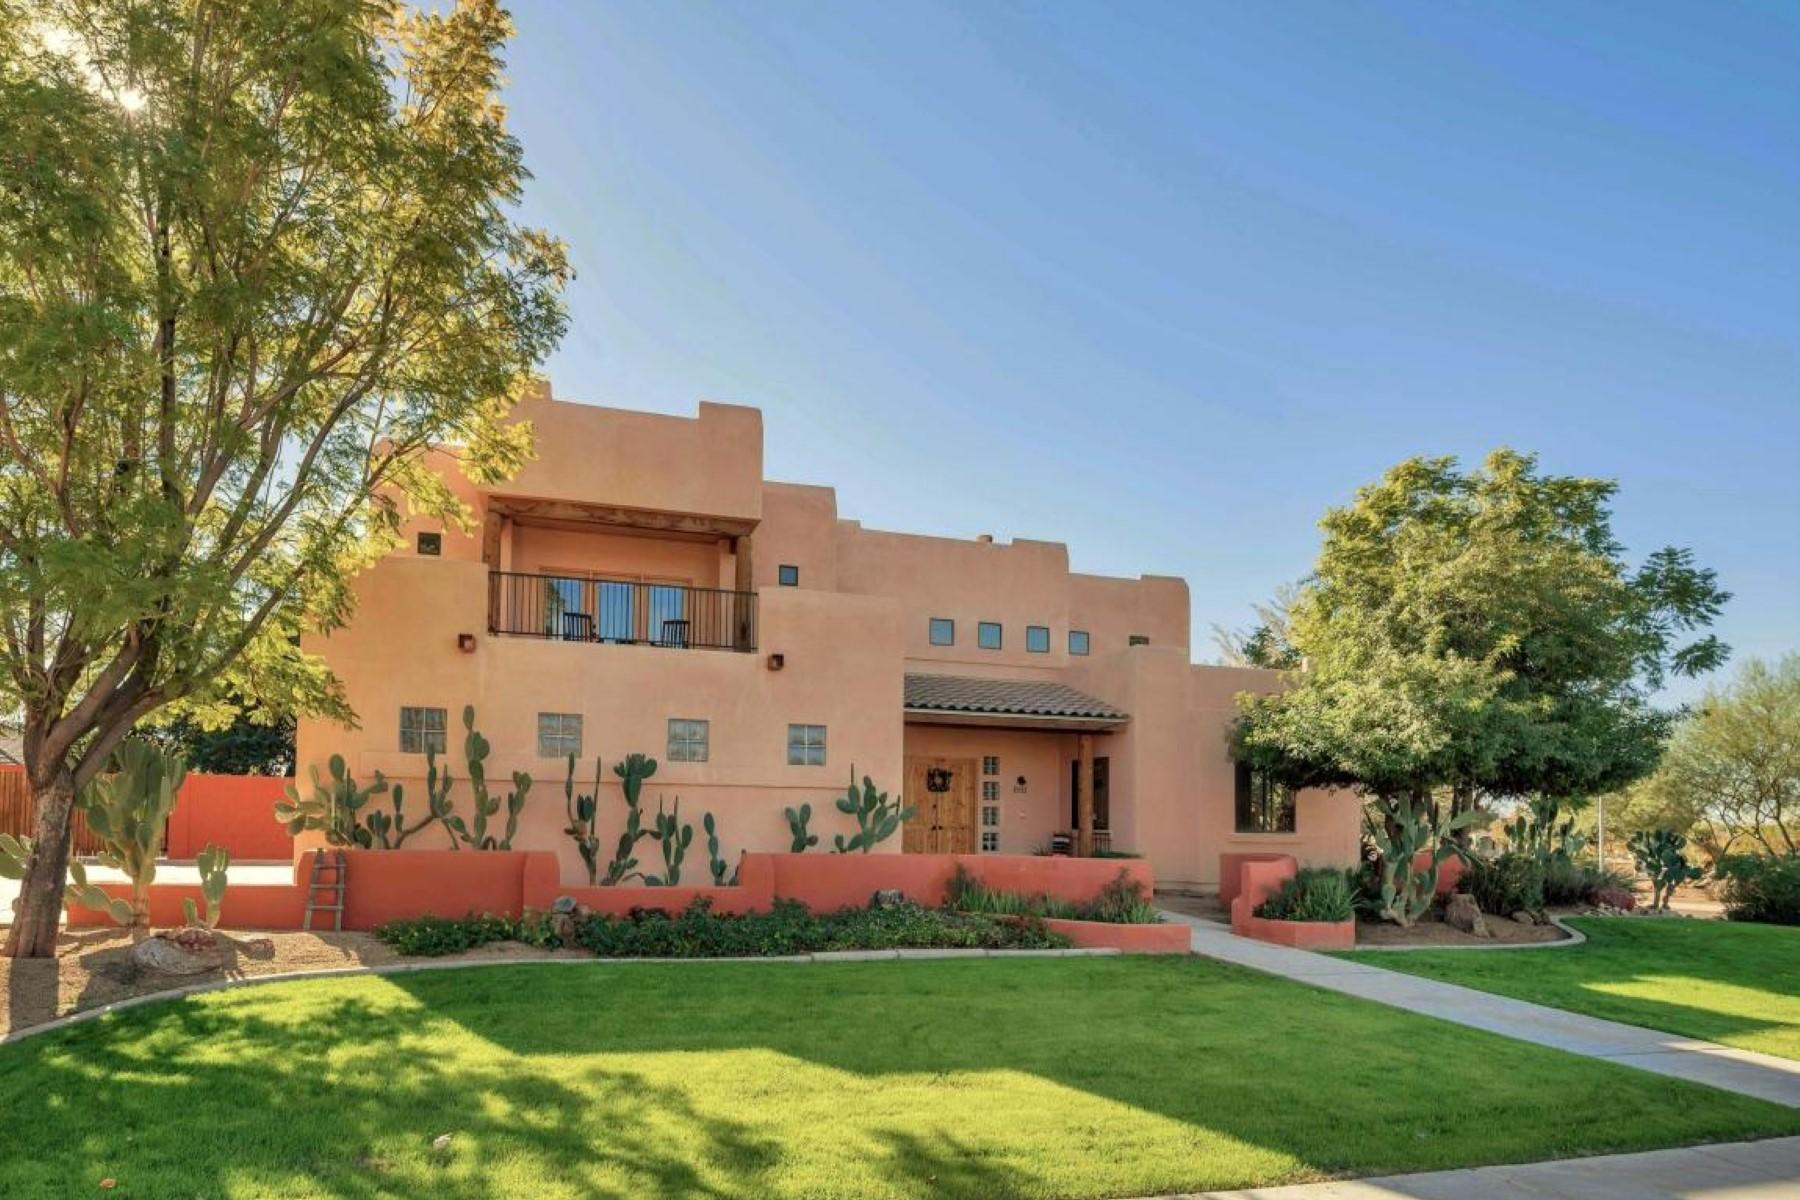 Maison unifamiliale pour l Vente à Custom Santa Fe-style home 7113 E Granada Street Mesa, Arizona, 85207 États-Unis